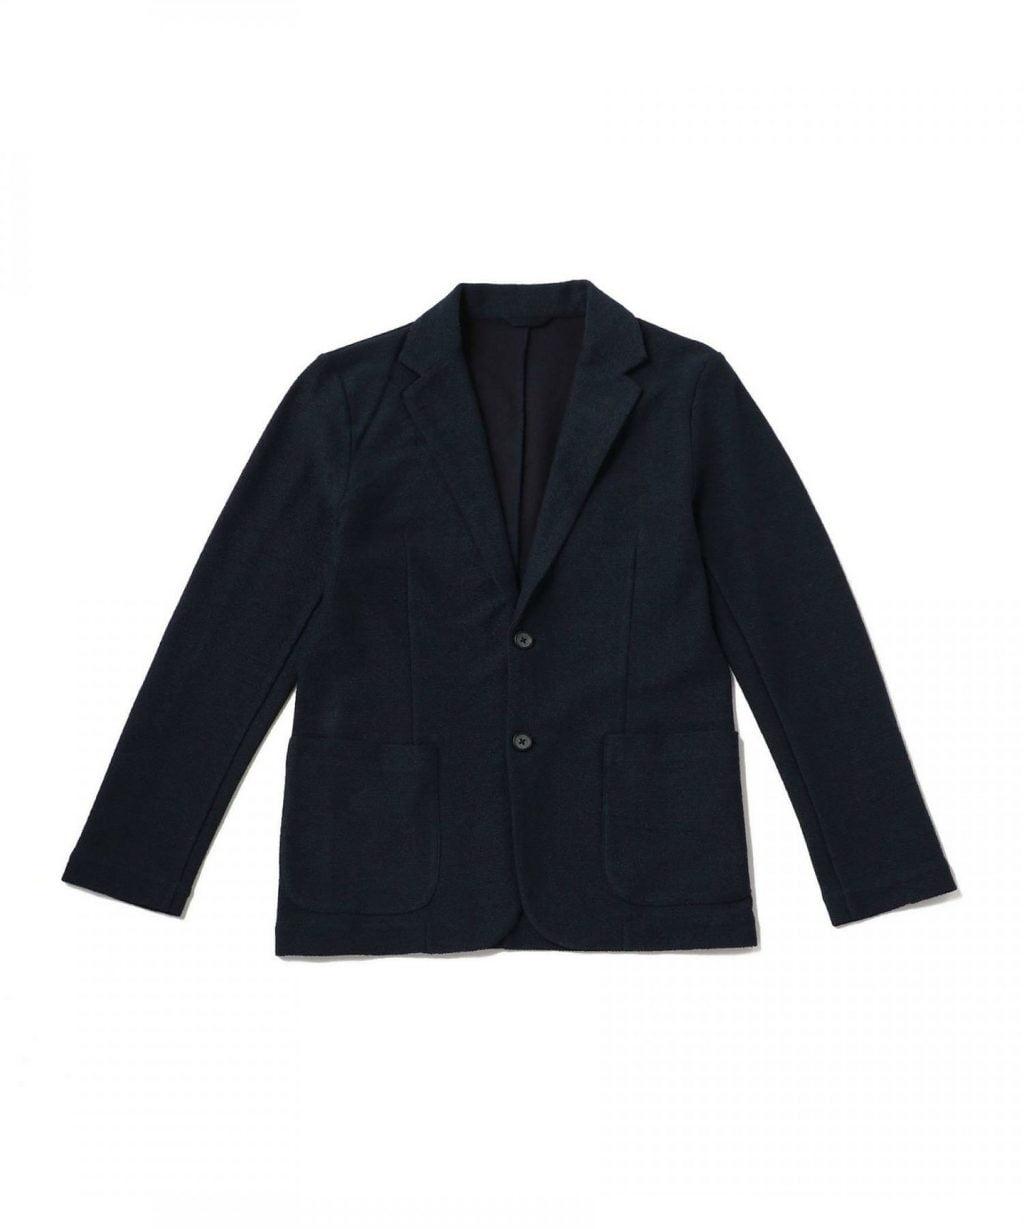 f8091cb6fae14 大人のジャケットの選び方とは?万人向きアイテムのニットジャケットを ...